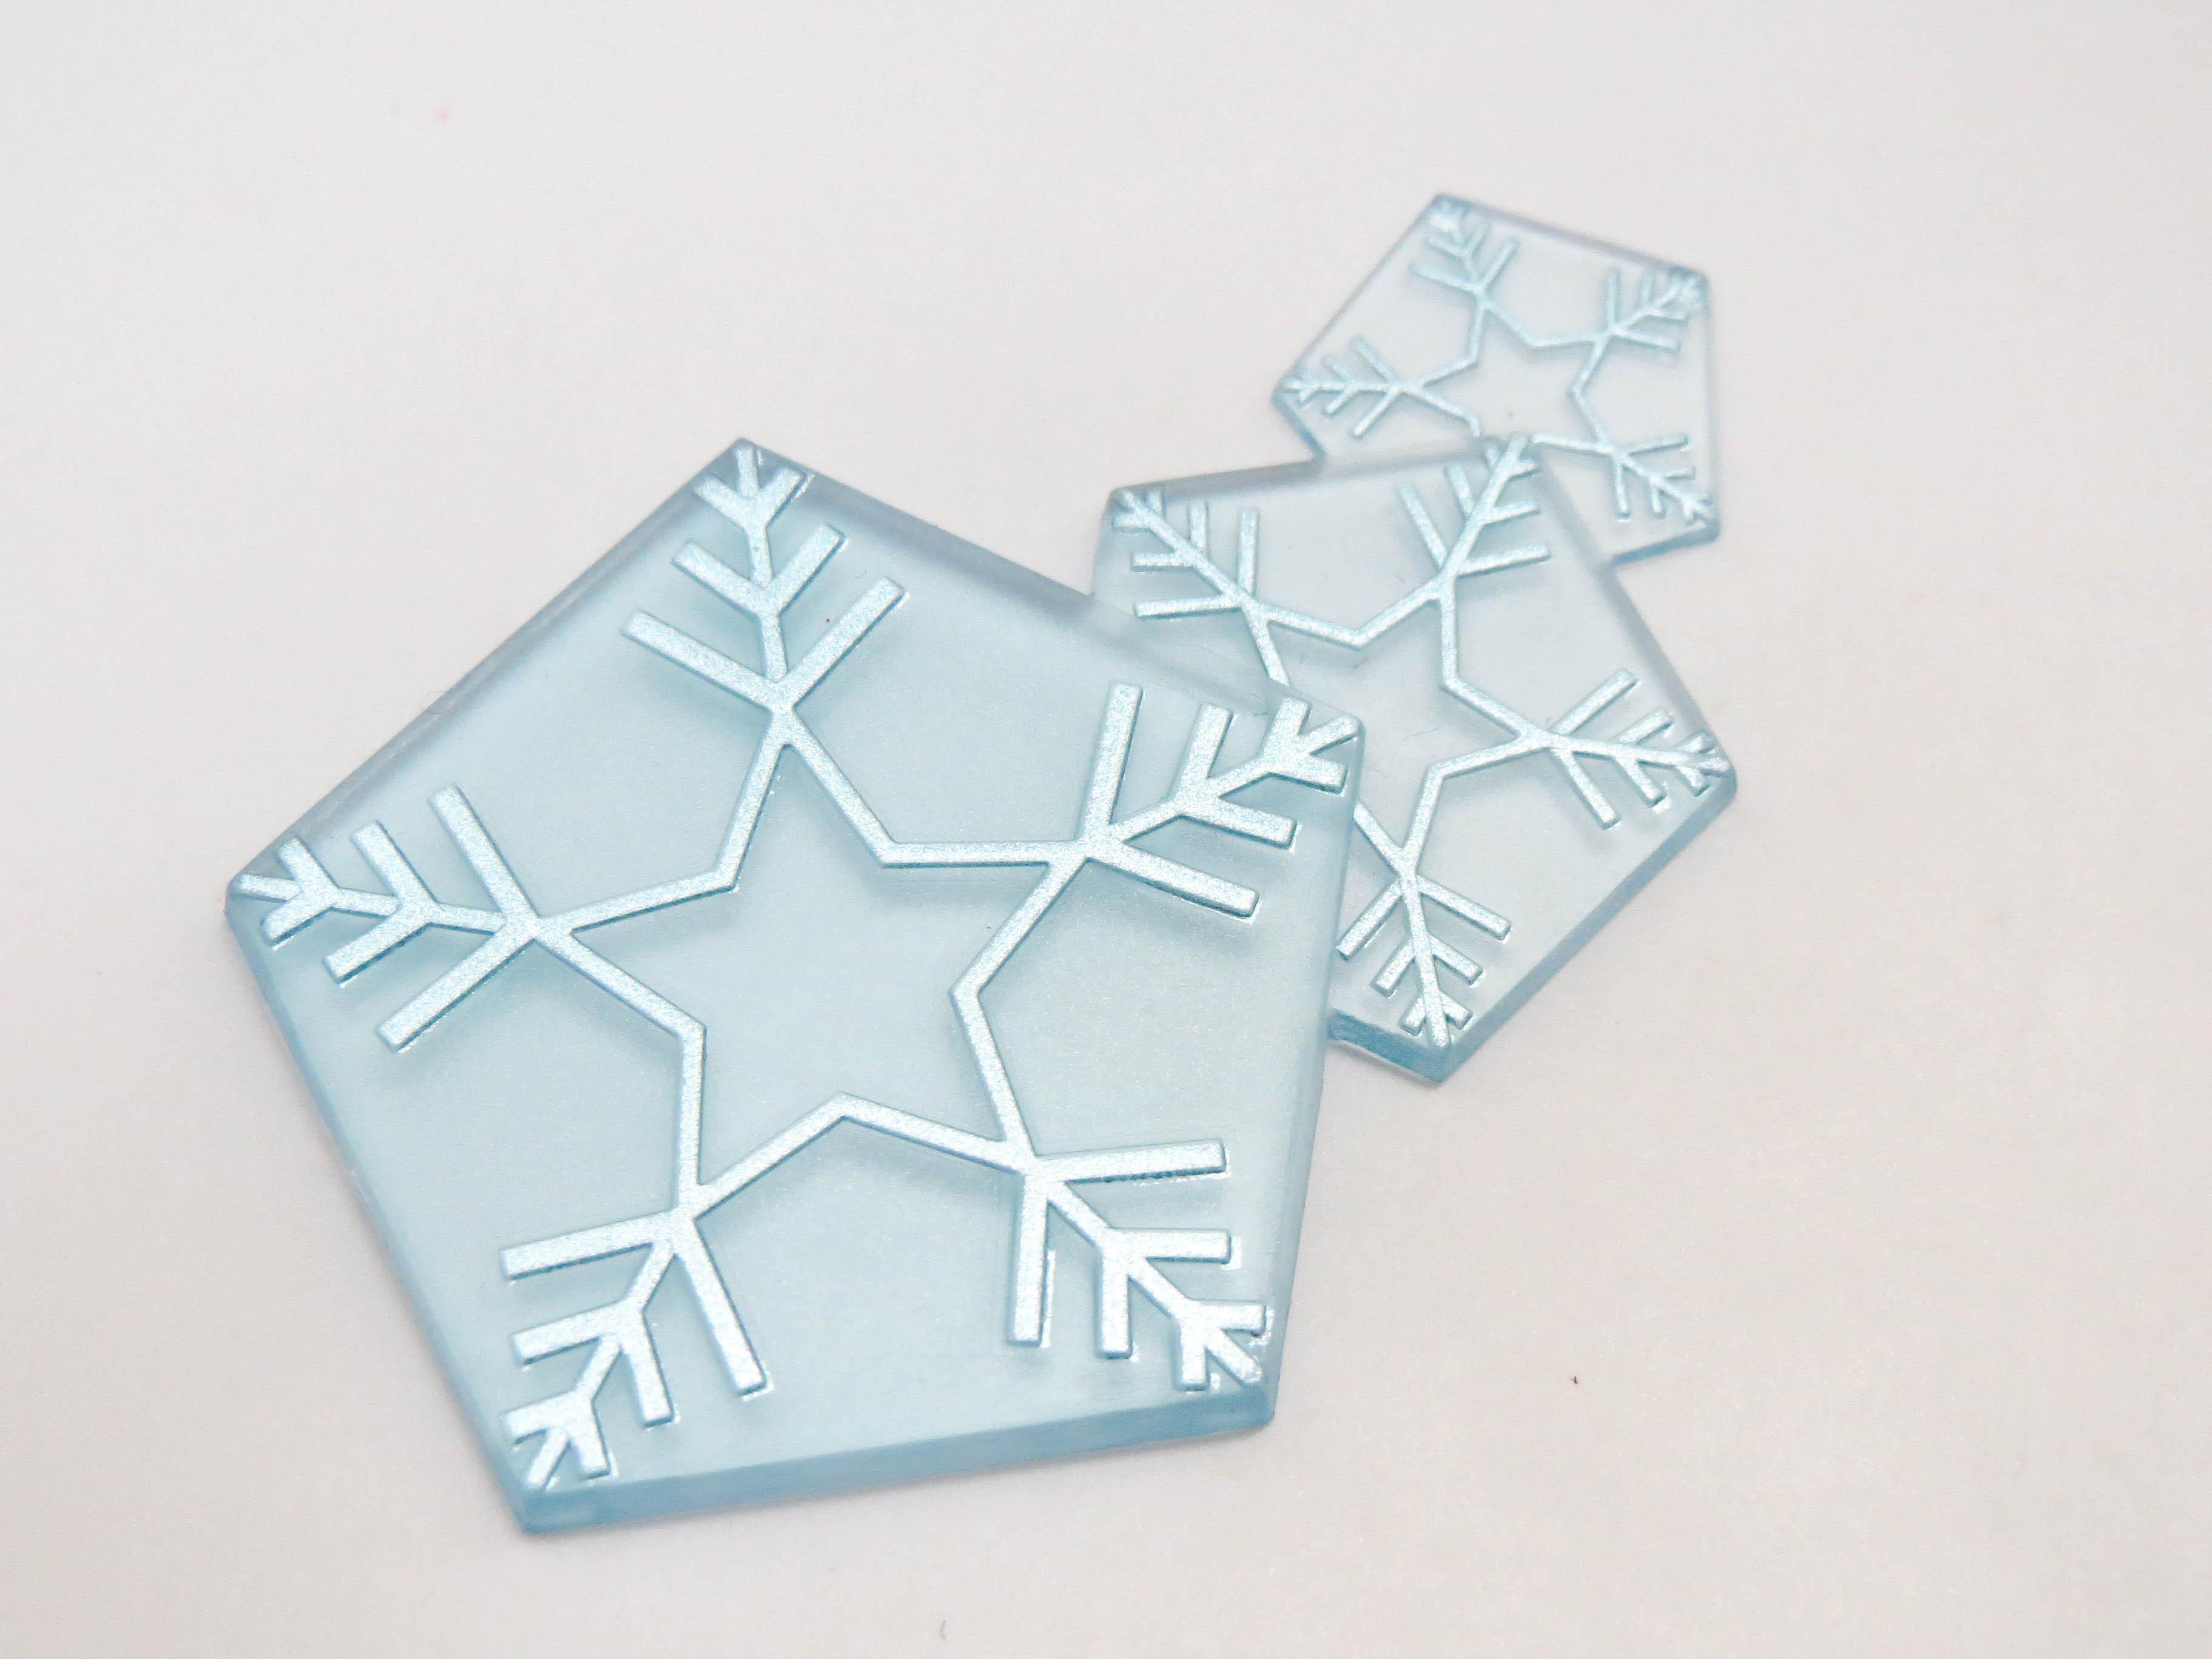 【701】 雪ミク Twinkle Snow Ver. 小物パーツ 氷のエフェクト ねんどろいど